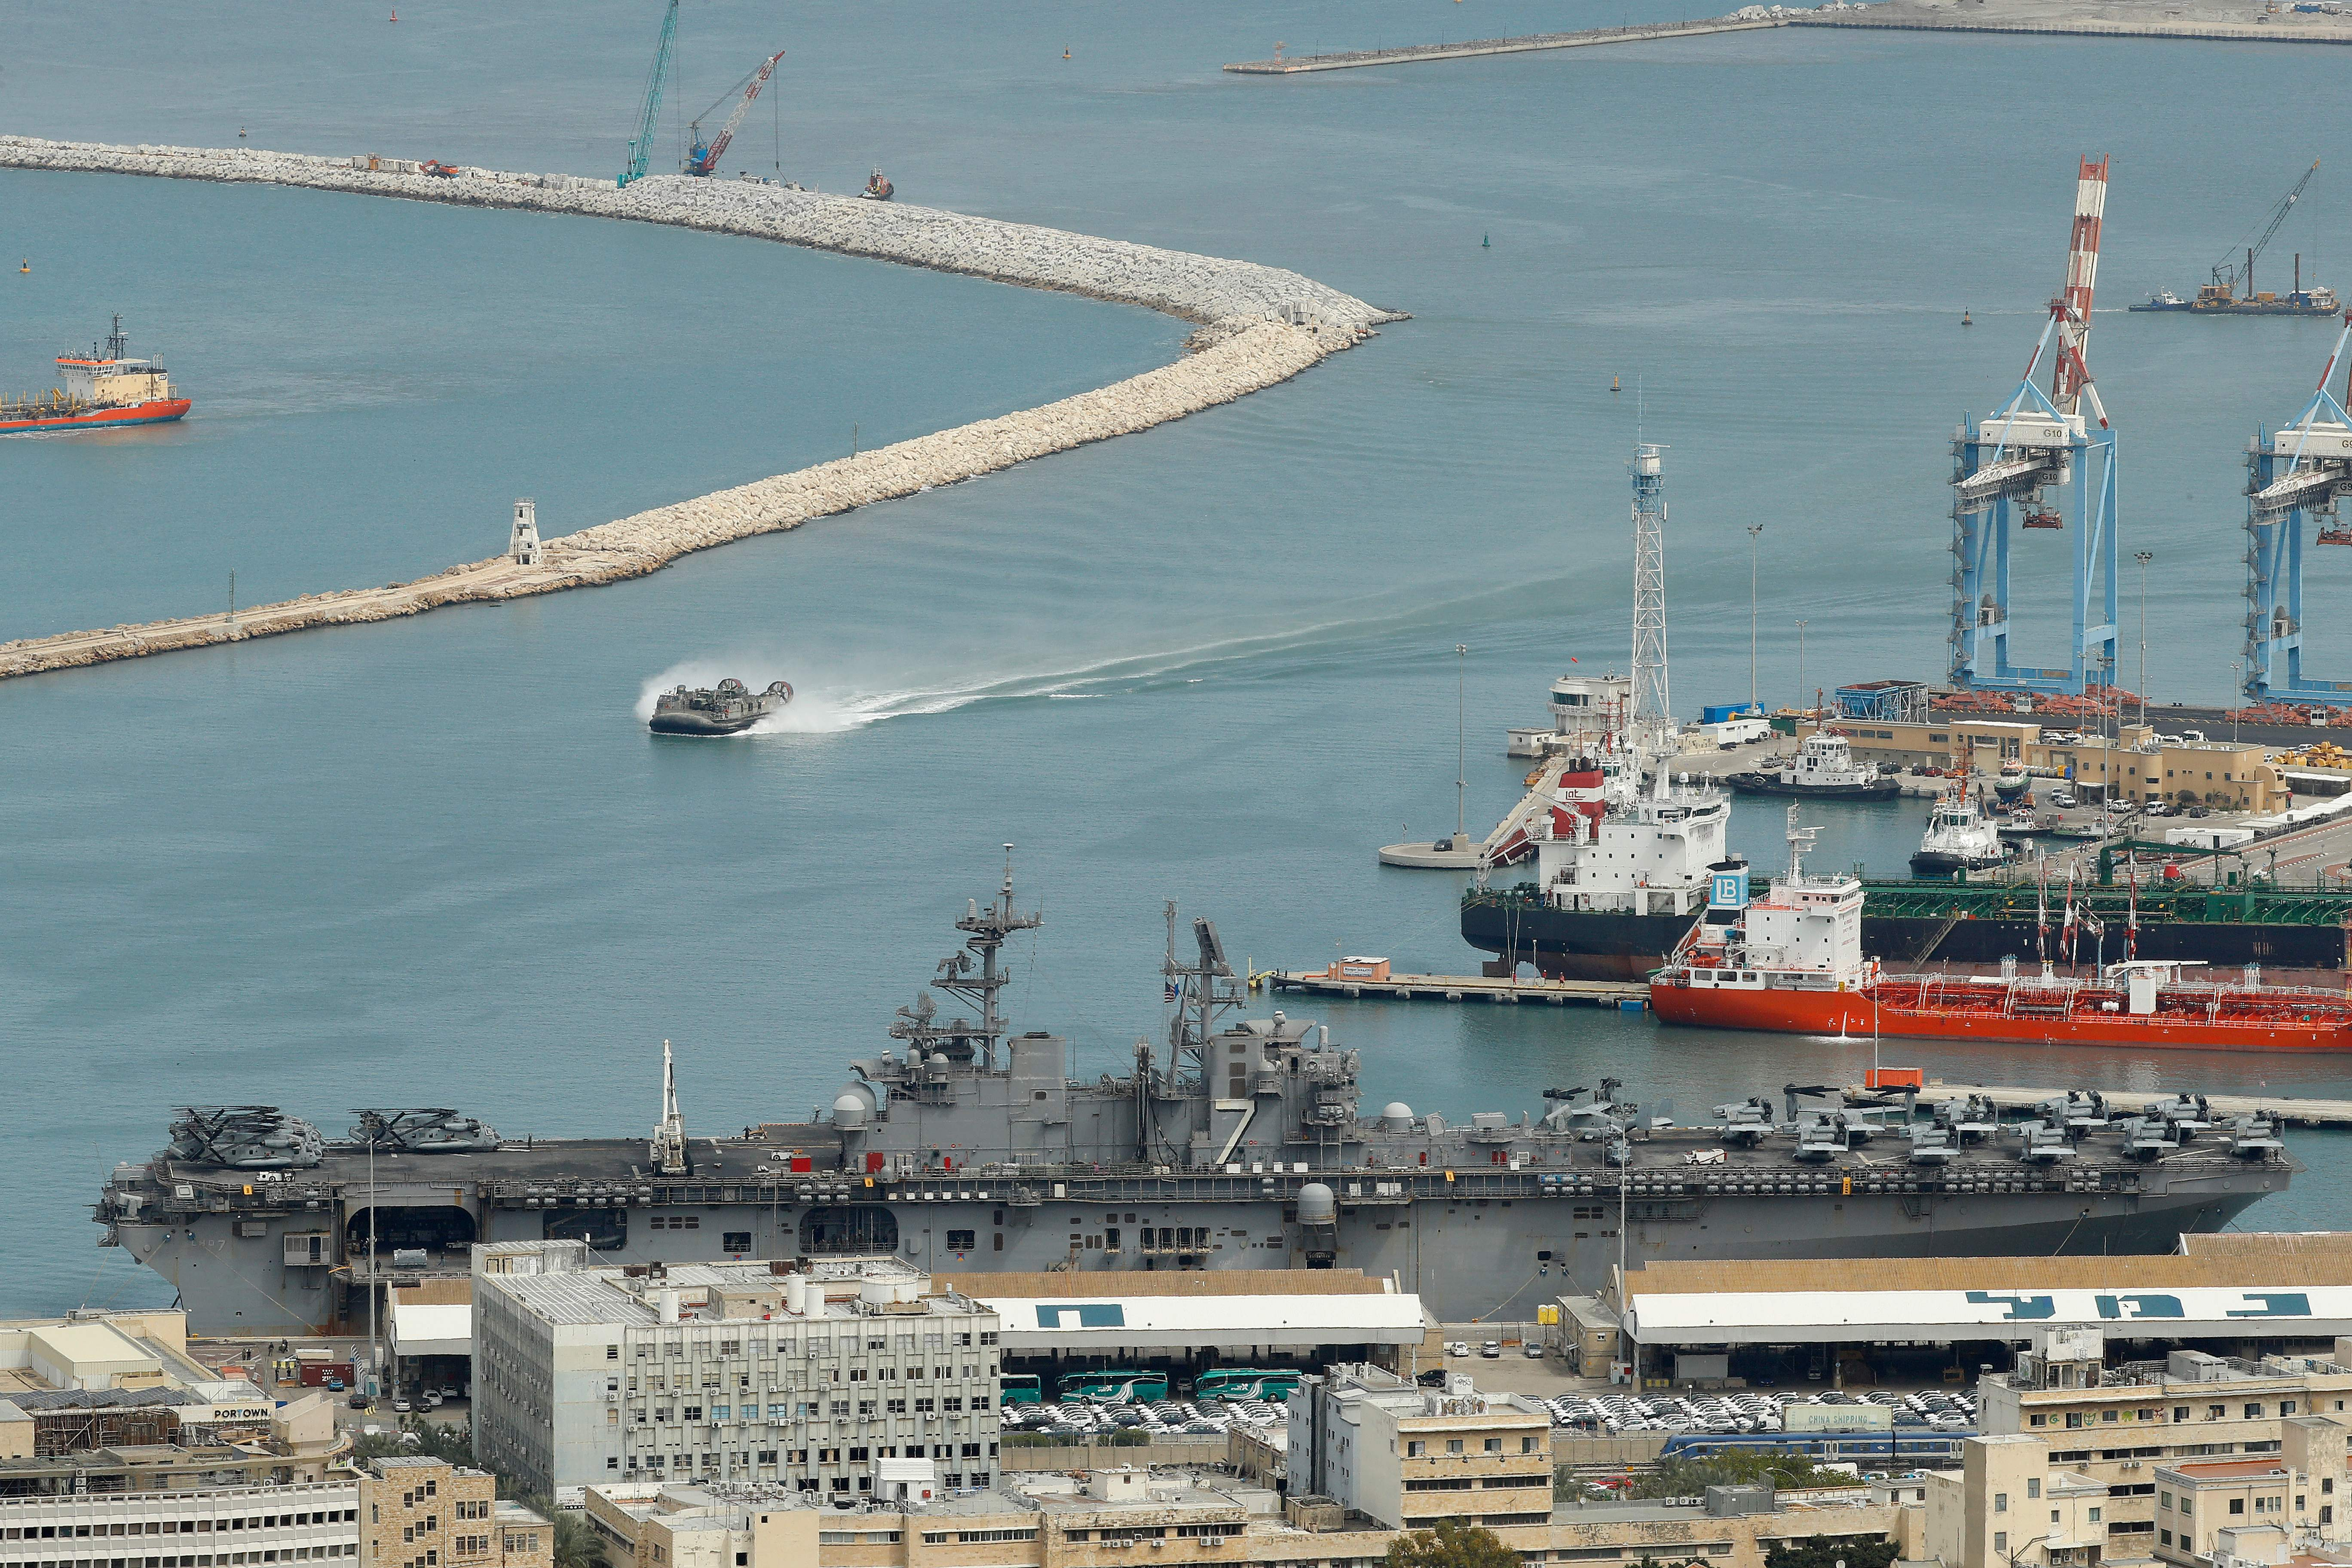 戰略港口將被中企接管 以色列展開高層審查